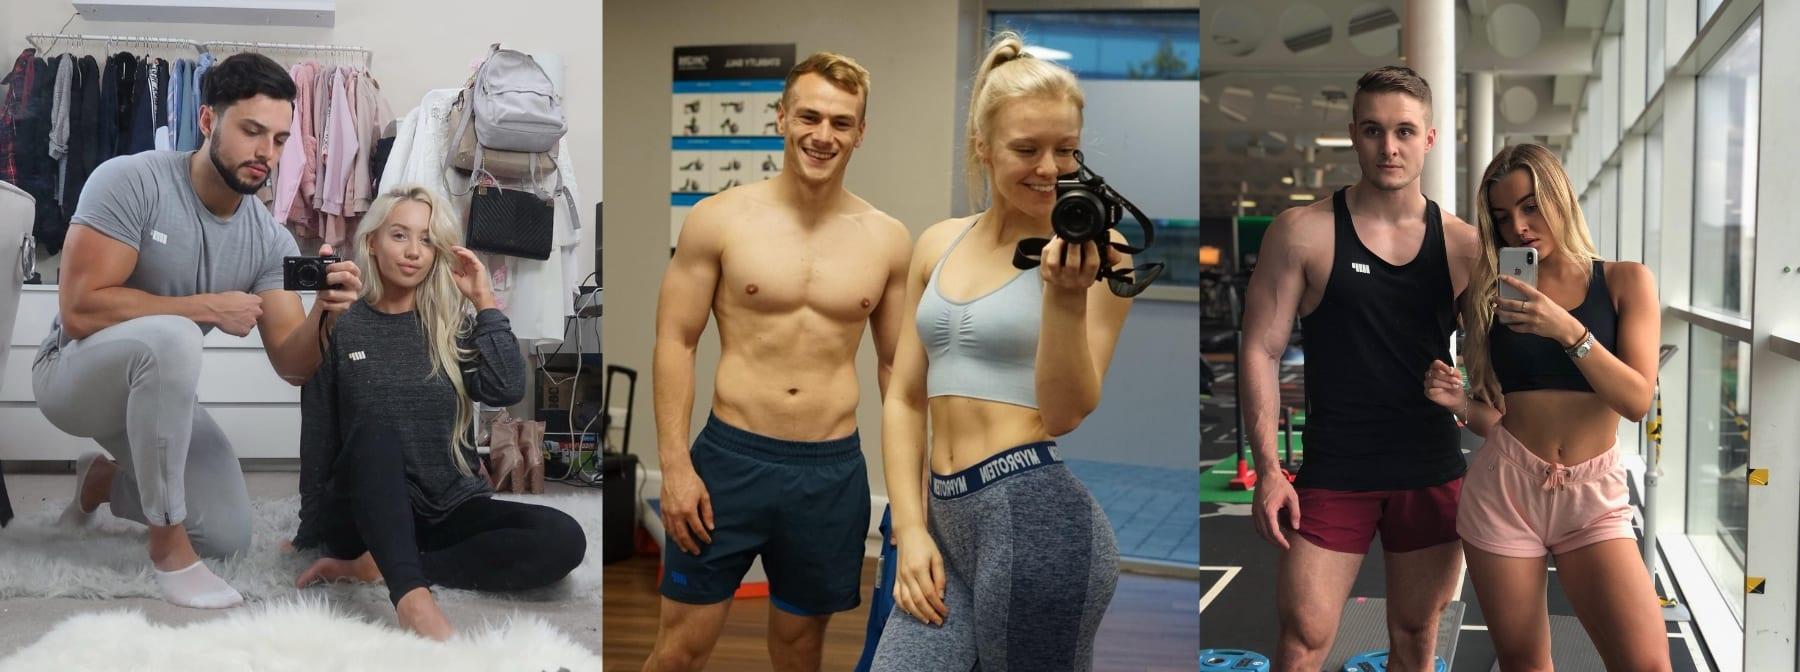 Heavyweights & Hot Dates | Wij Willen Weten Wat Jouw Hart Sneller Doet Kloppen In De Gym